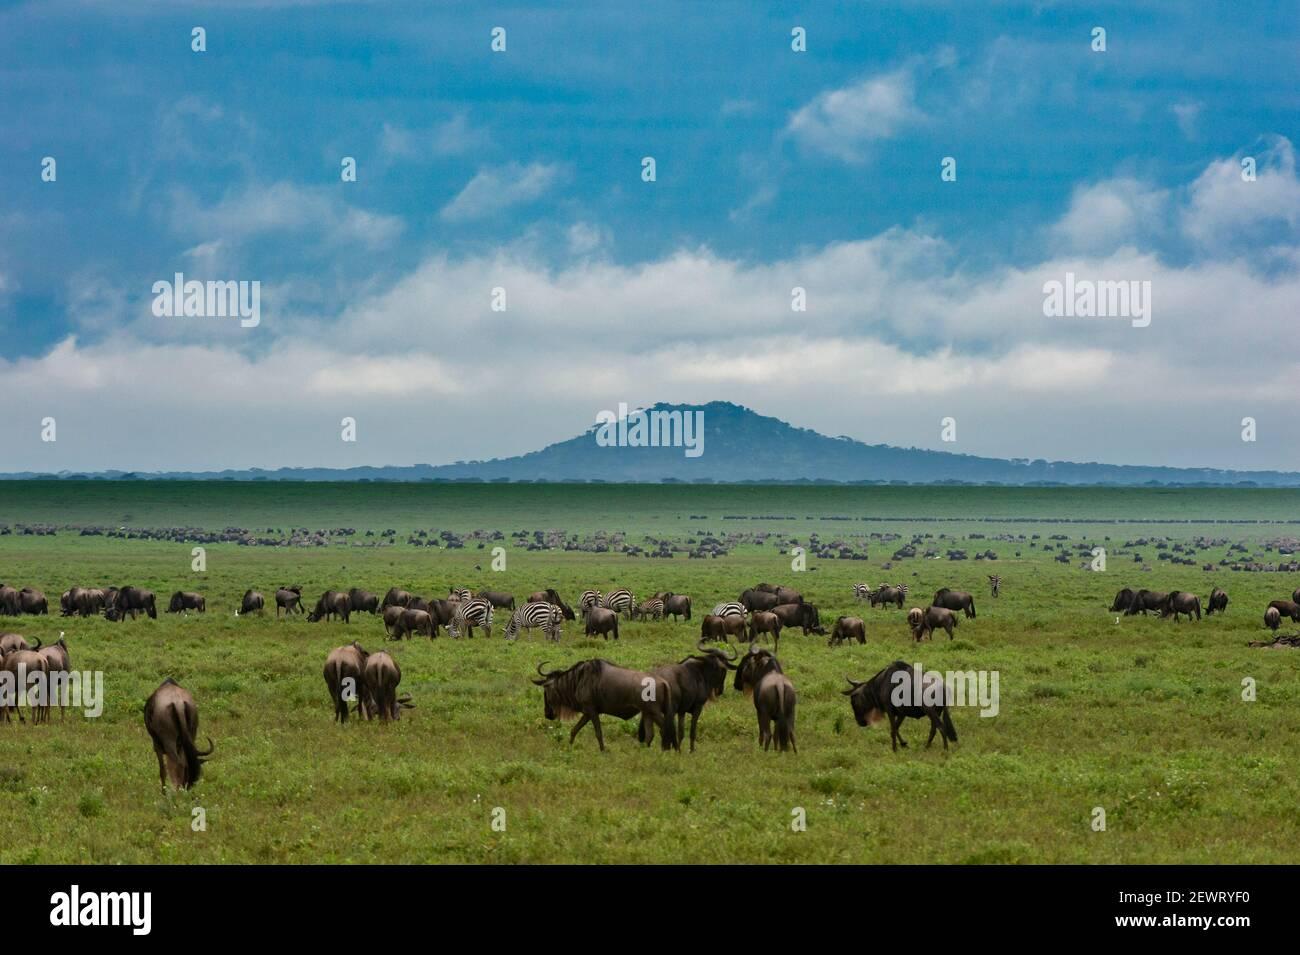 Salici (Connochaetes taurinus) e pianure zebre (Equus quagga) pascolo, Ngorongoro conservazione Area, UNESCO, Serengeti, Tanzania Foto Stock